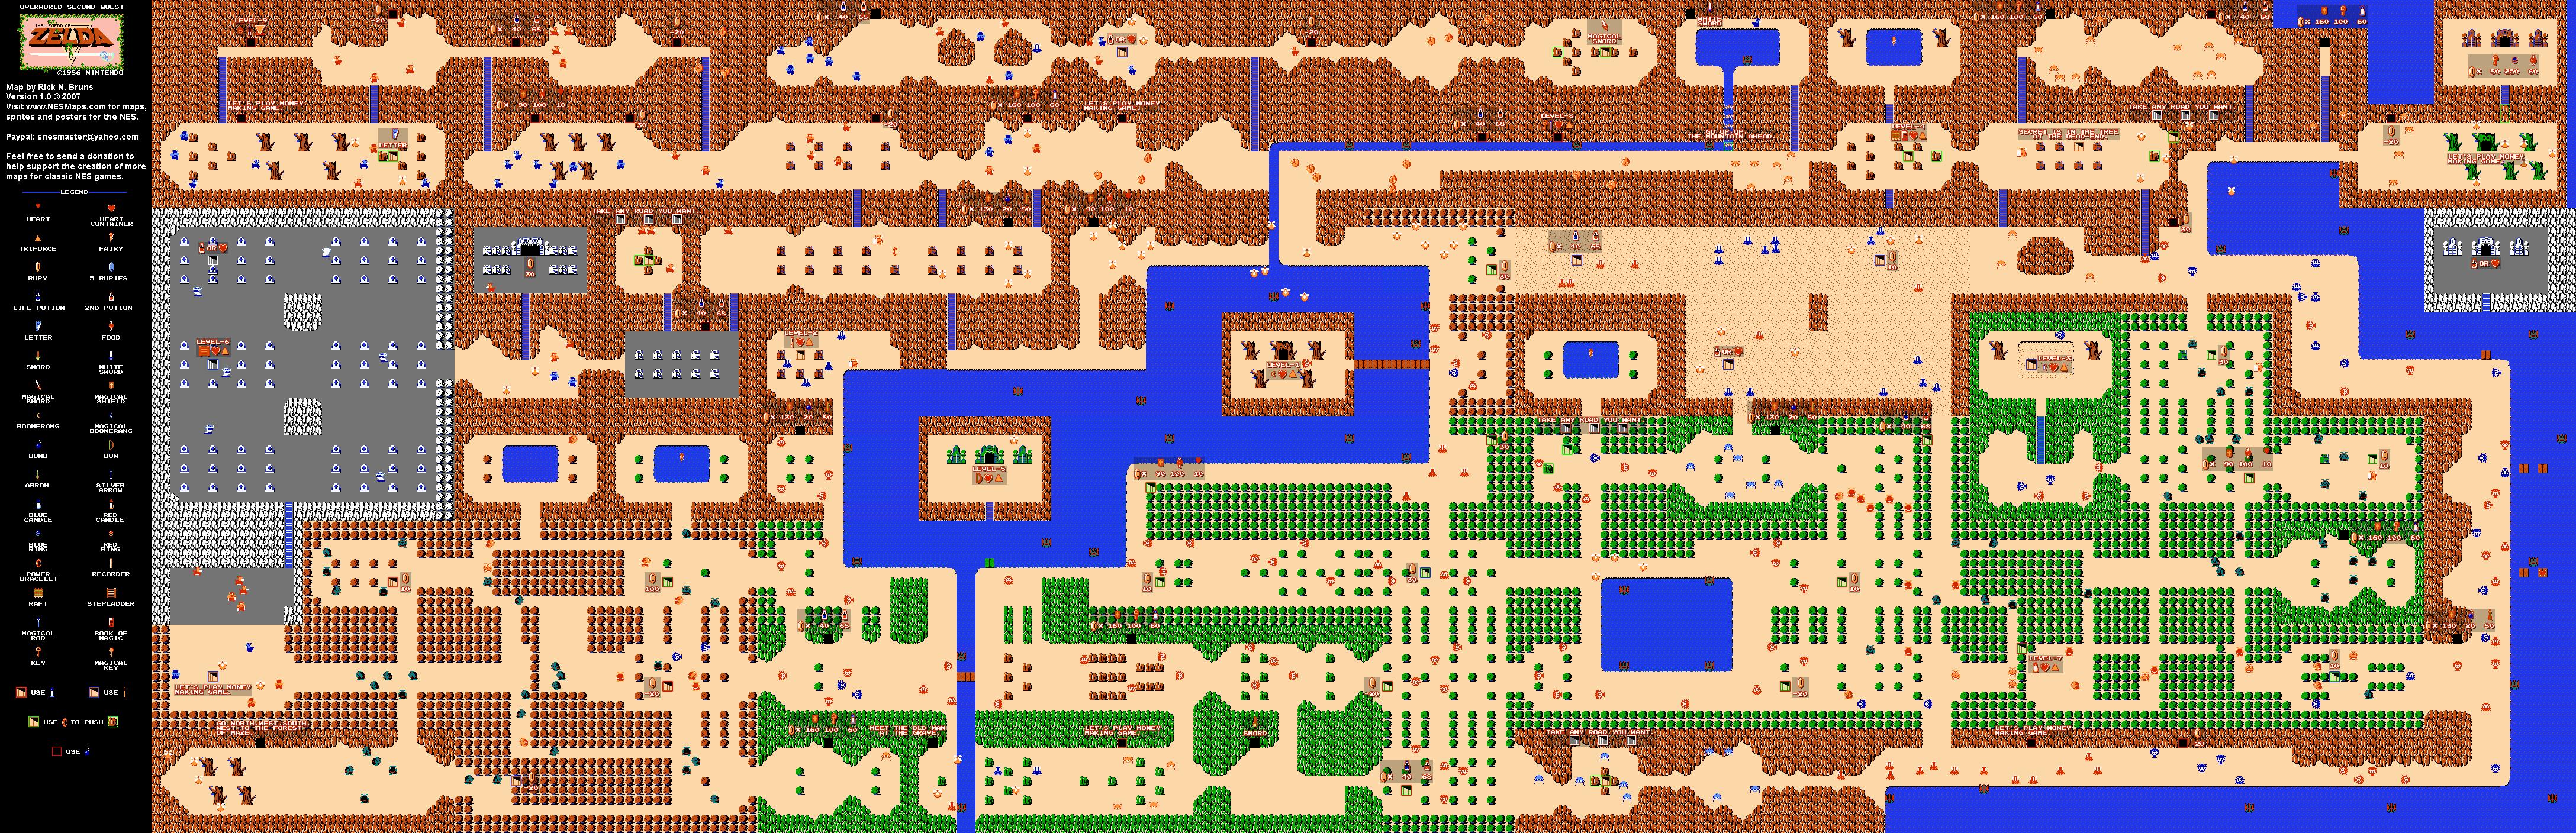 The Legend of Zelda Overworld Quest 2 Map